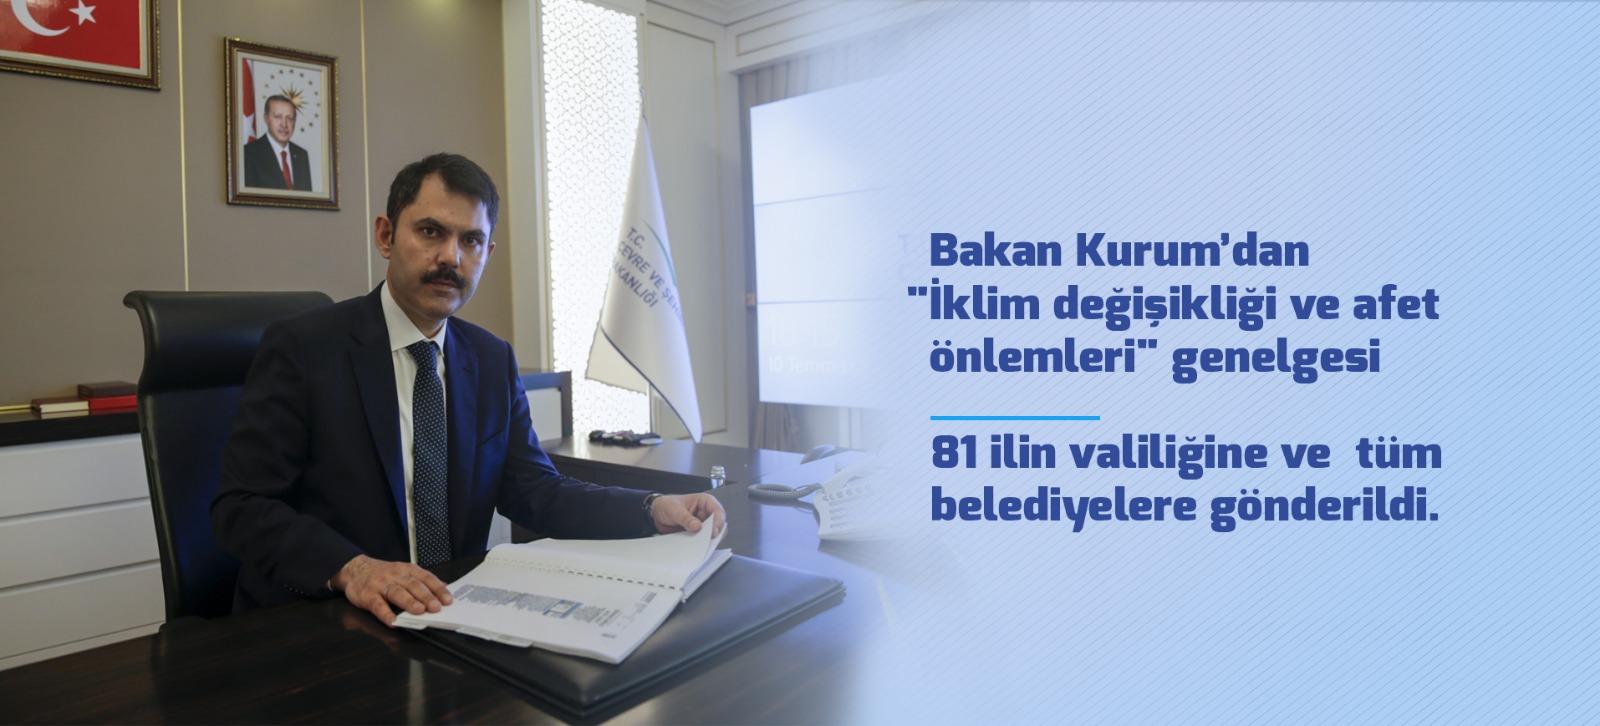 BAKAN KURUM'DAN